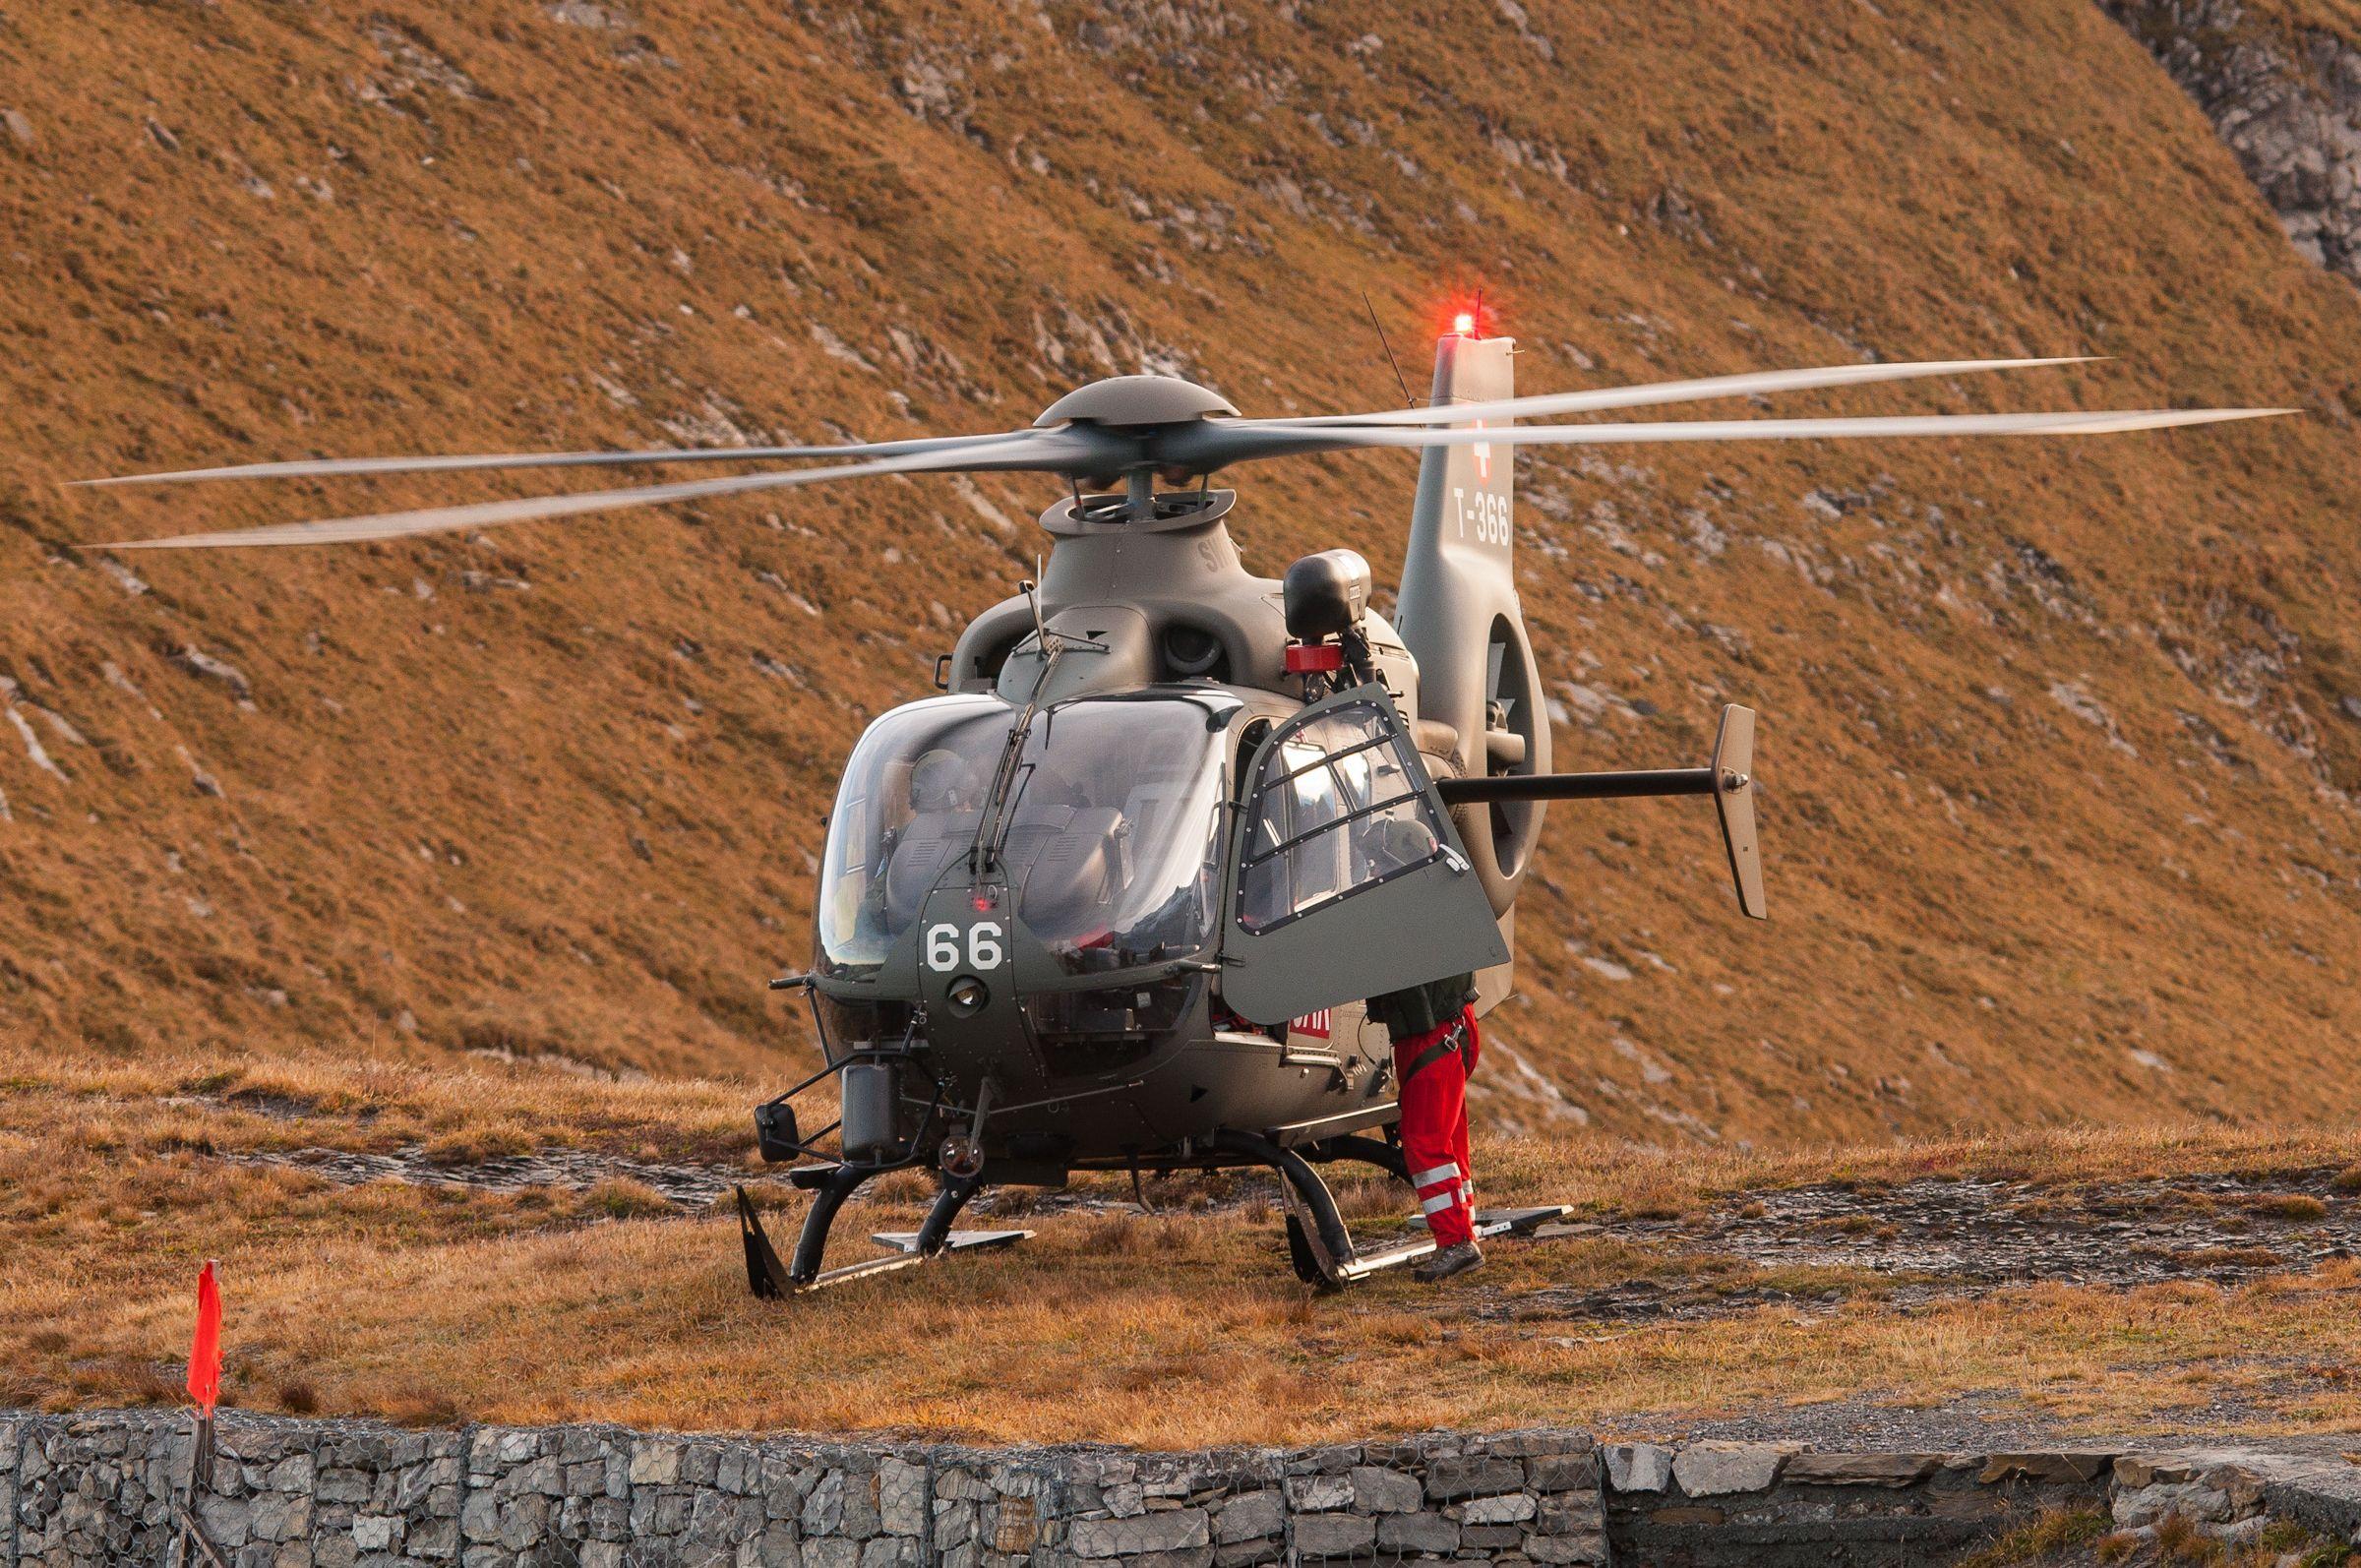 Air force live fire event Axalp 2012 - 10-11 Oct 2012 - Pagina 2 000165